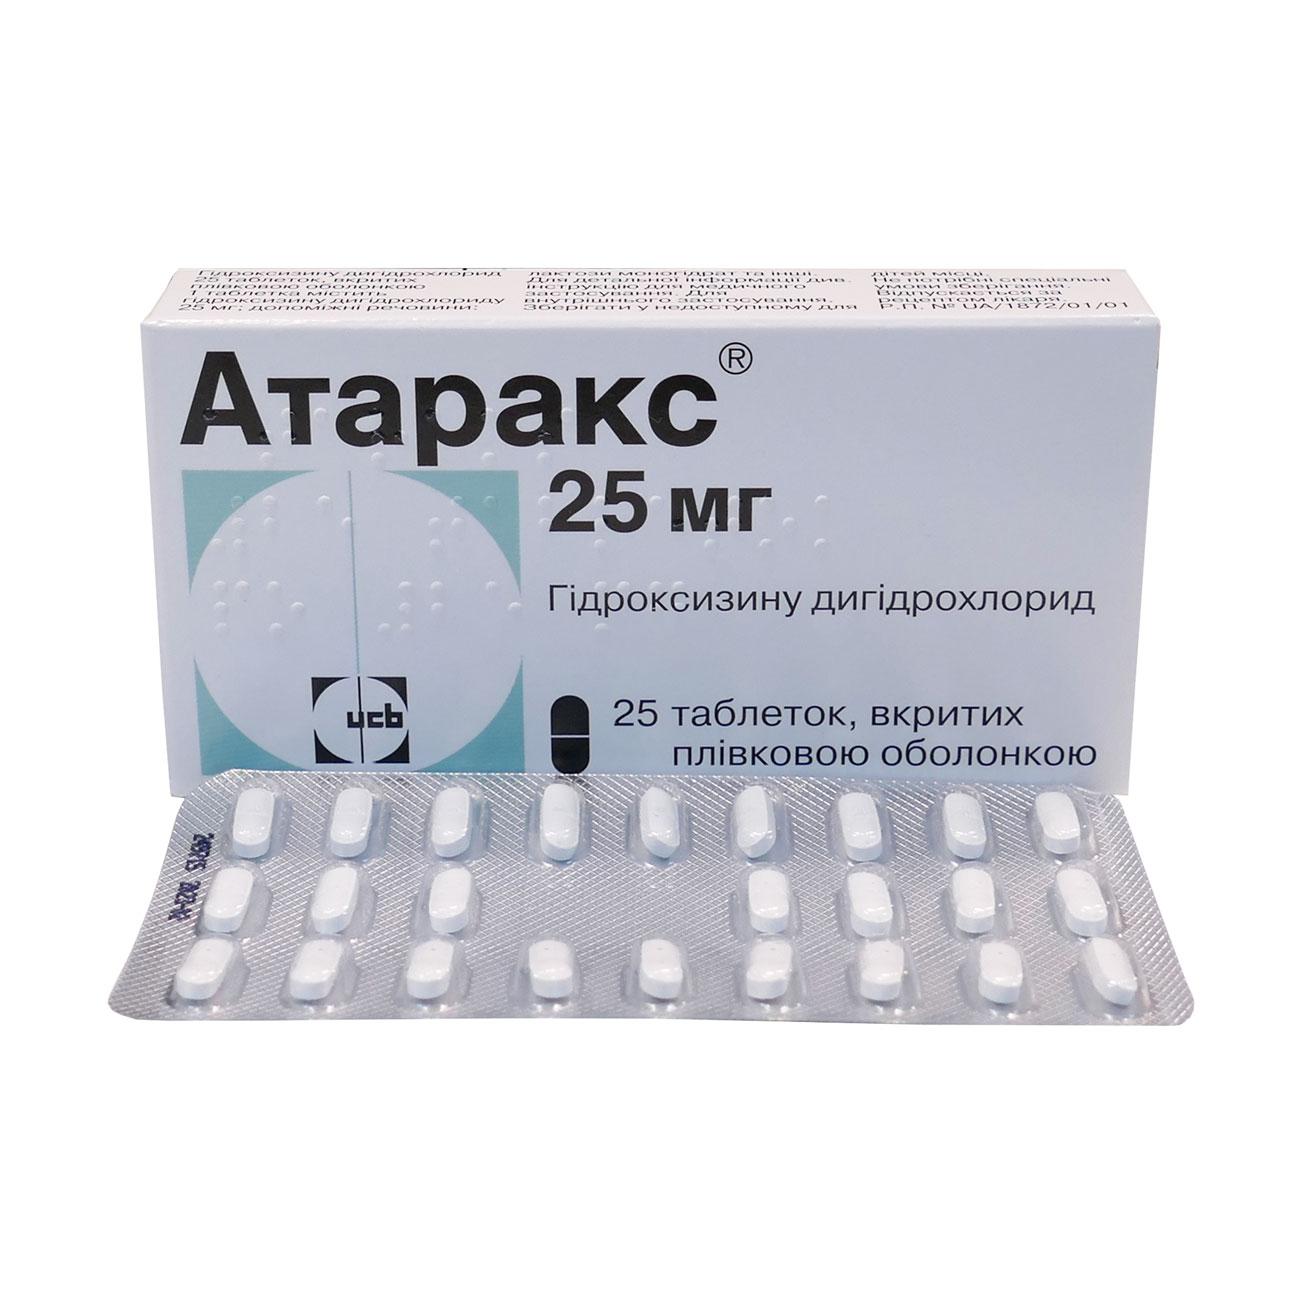 Фото препарата Атаракс таблетки покрытые пленочной оболочкой 25 мг блистер